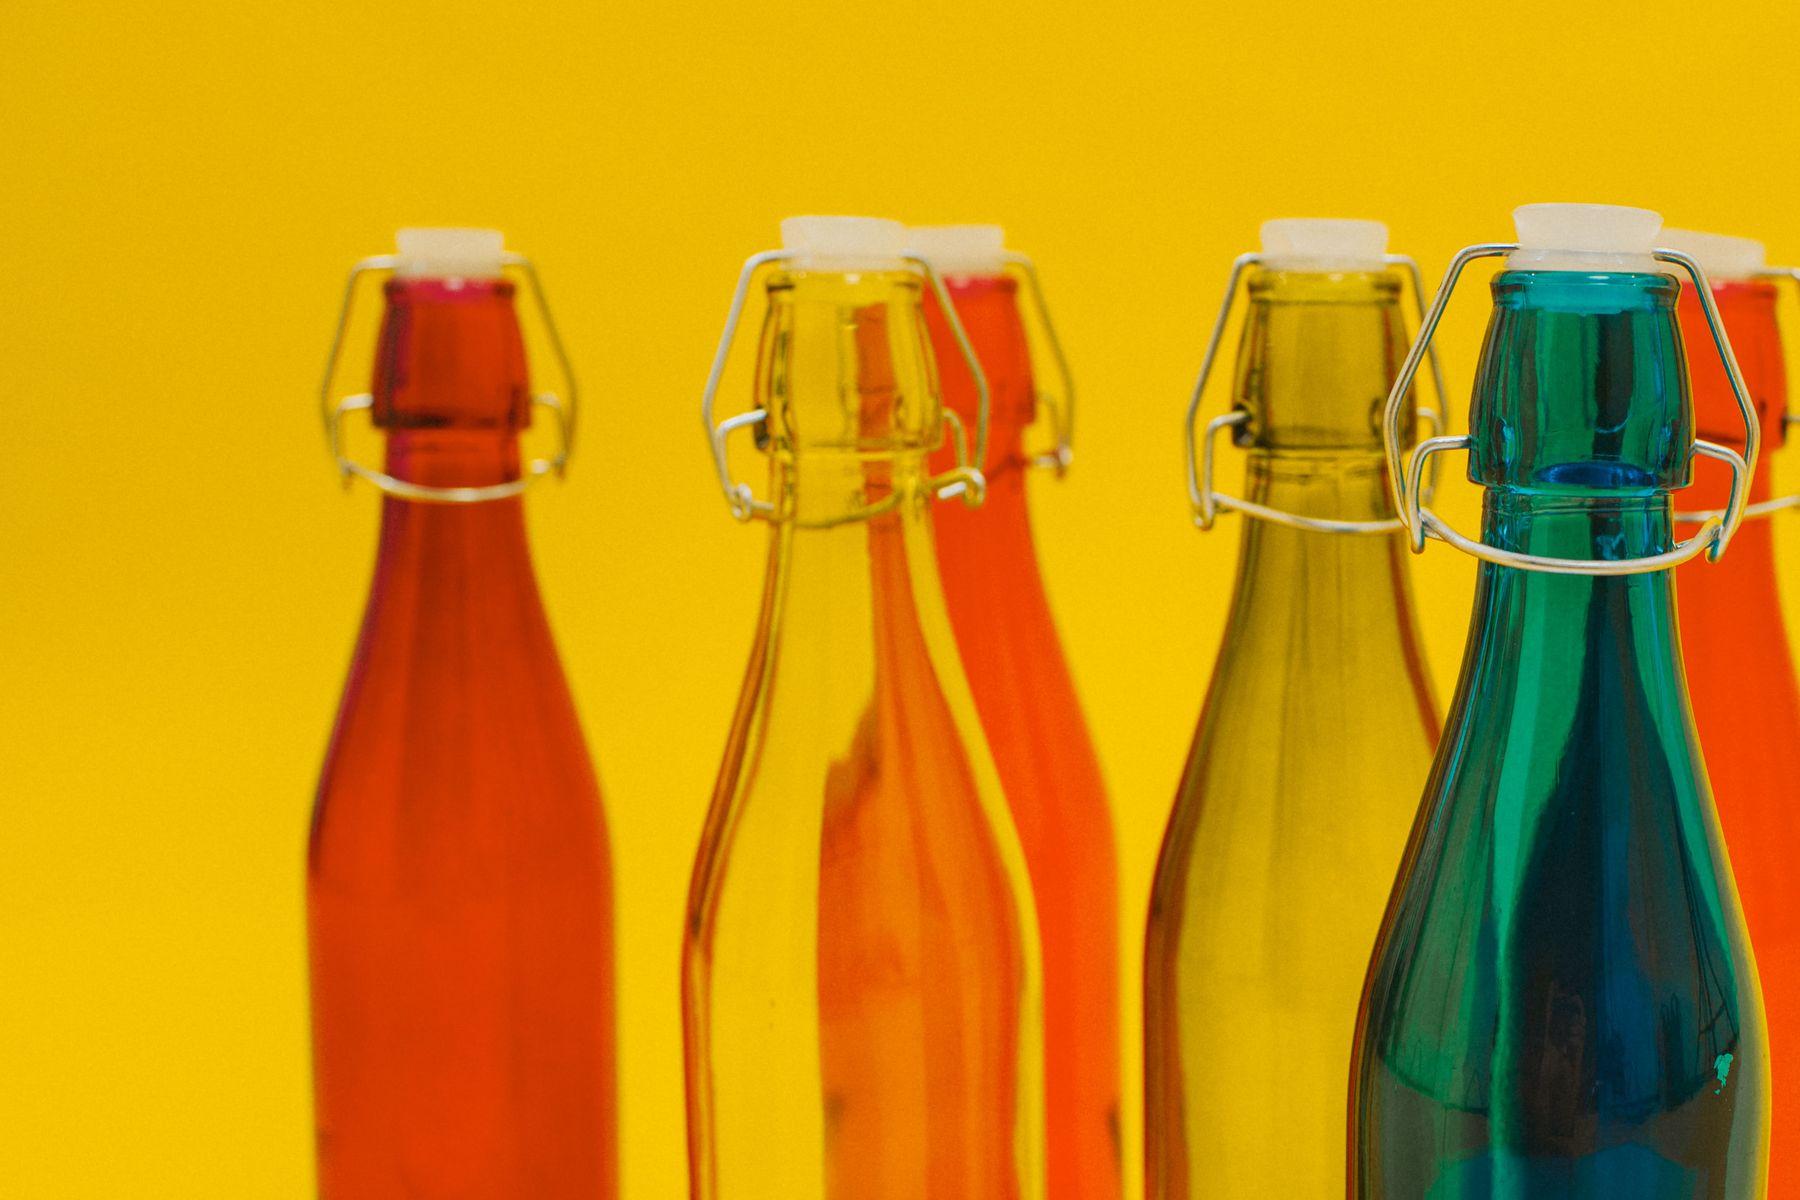 sterilizing bottles